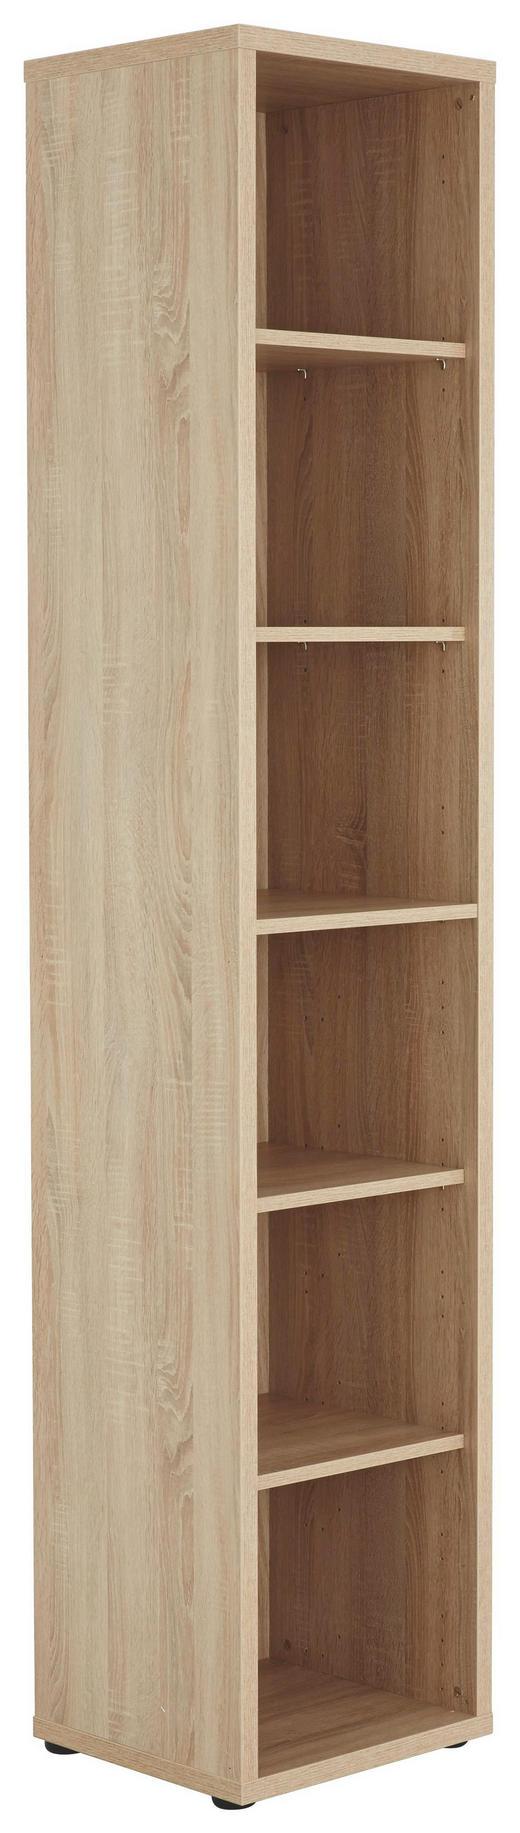 AKTENREGAL Sonoma Eiche - Schwarz/Sonoma Eiche, Design, Holzwerkstoff/Kunststoff (43,9/215,2/40cm) - Voleo